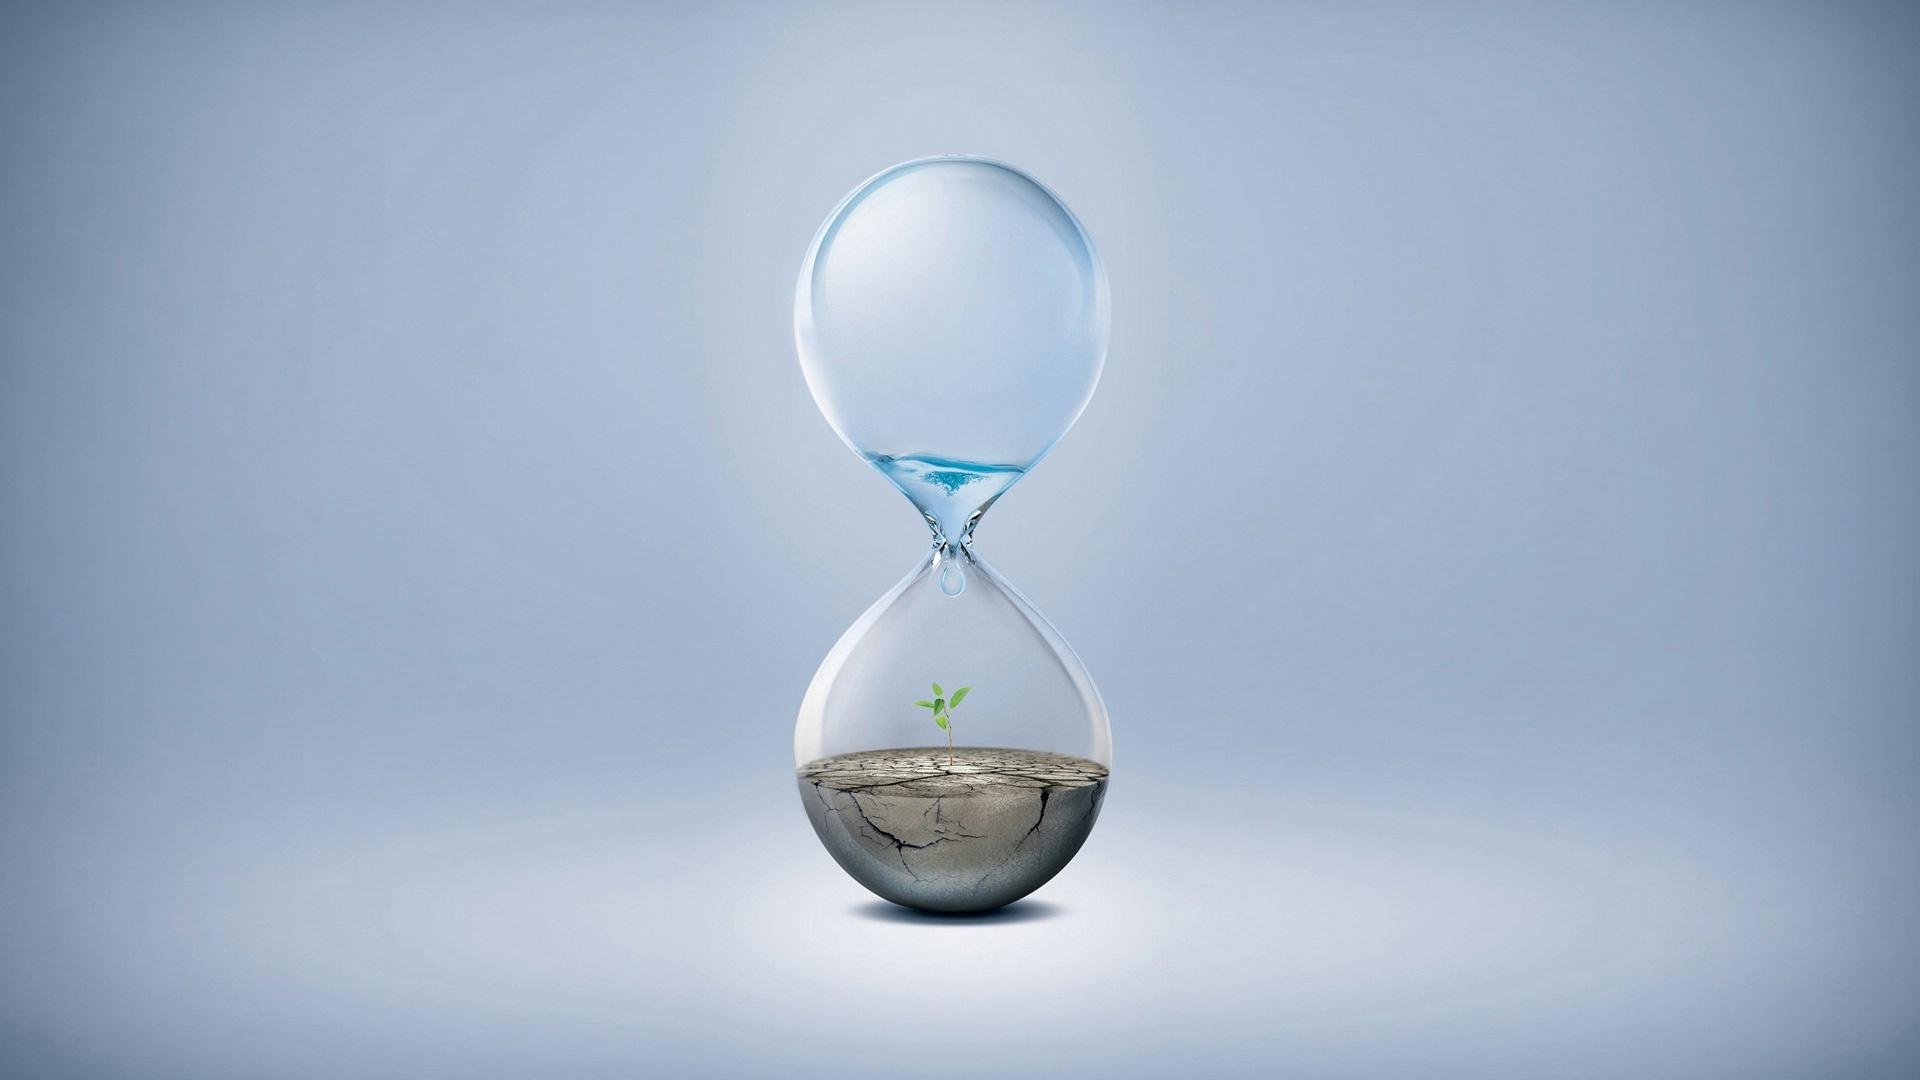 Погода Котиково заставка часы на фоне земли один